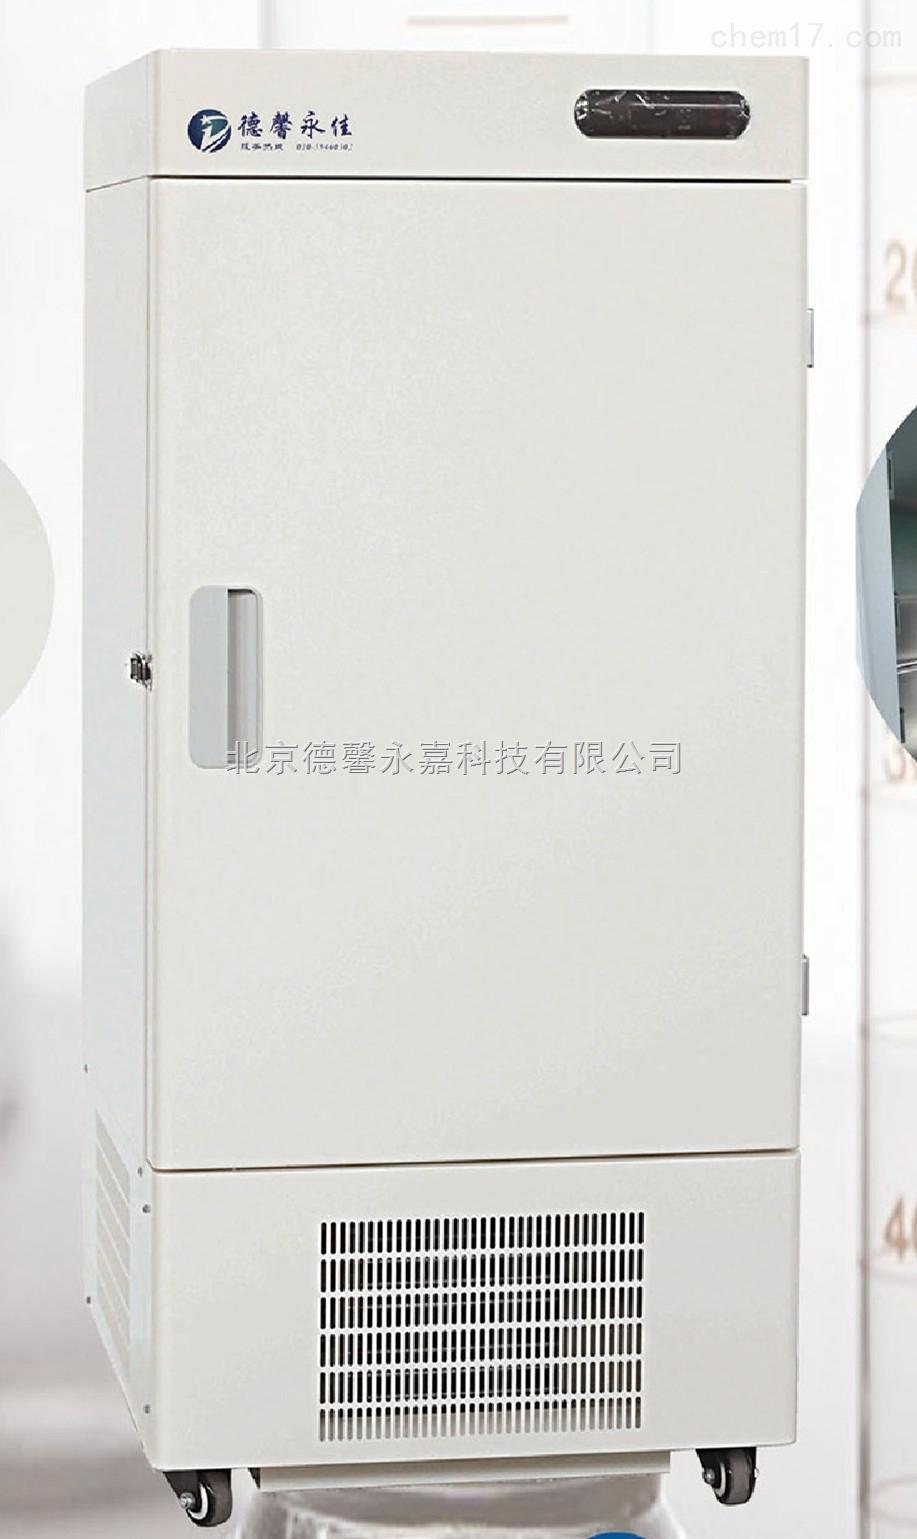 立式(-80度)超低温冰箱